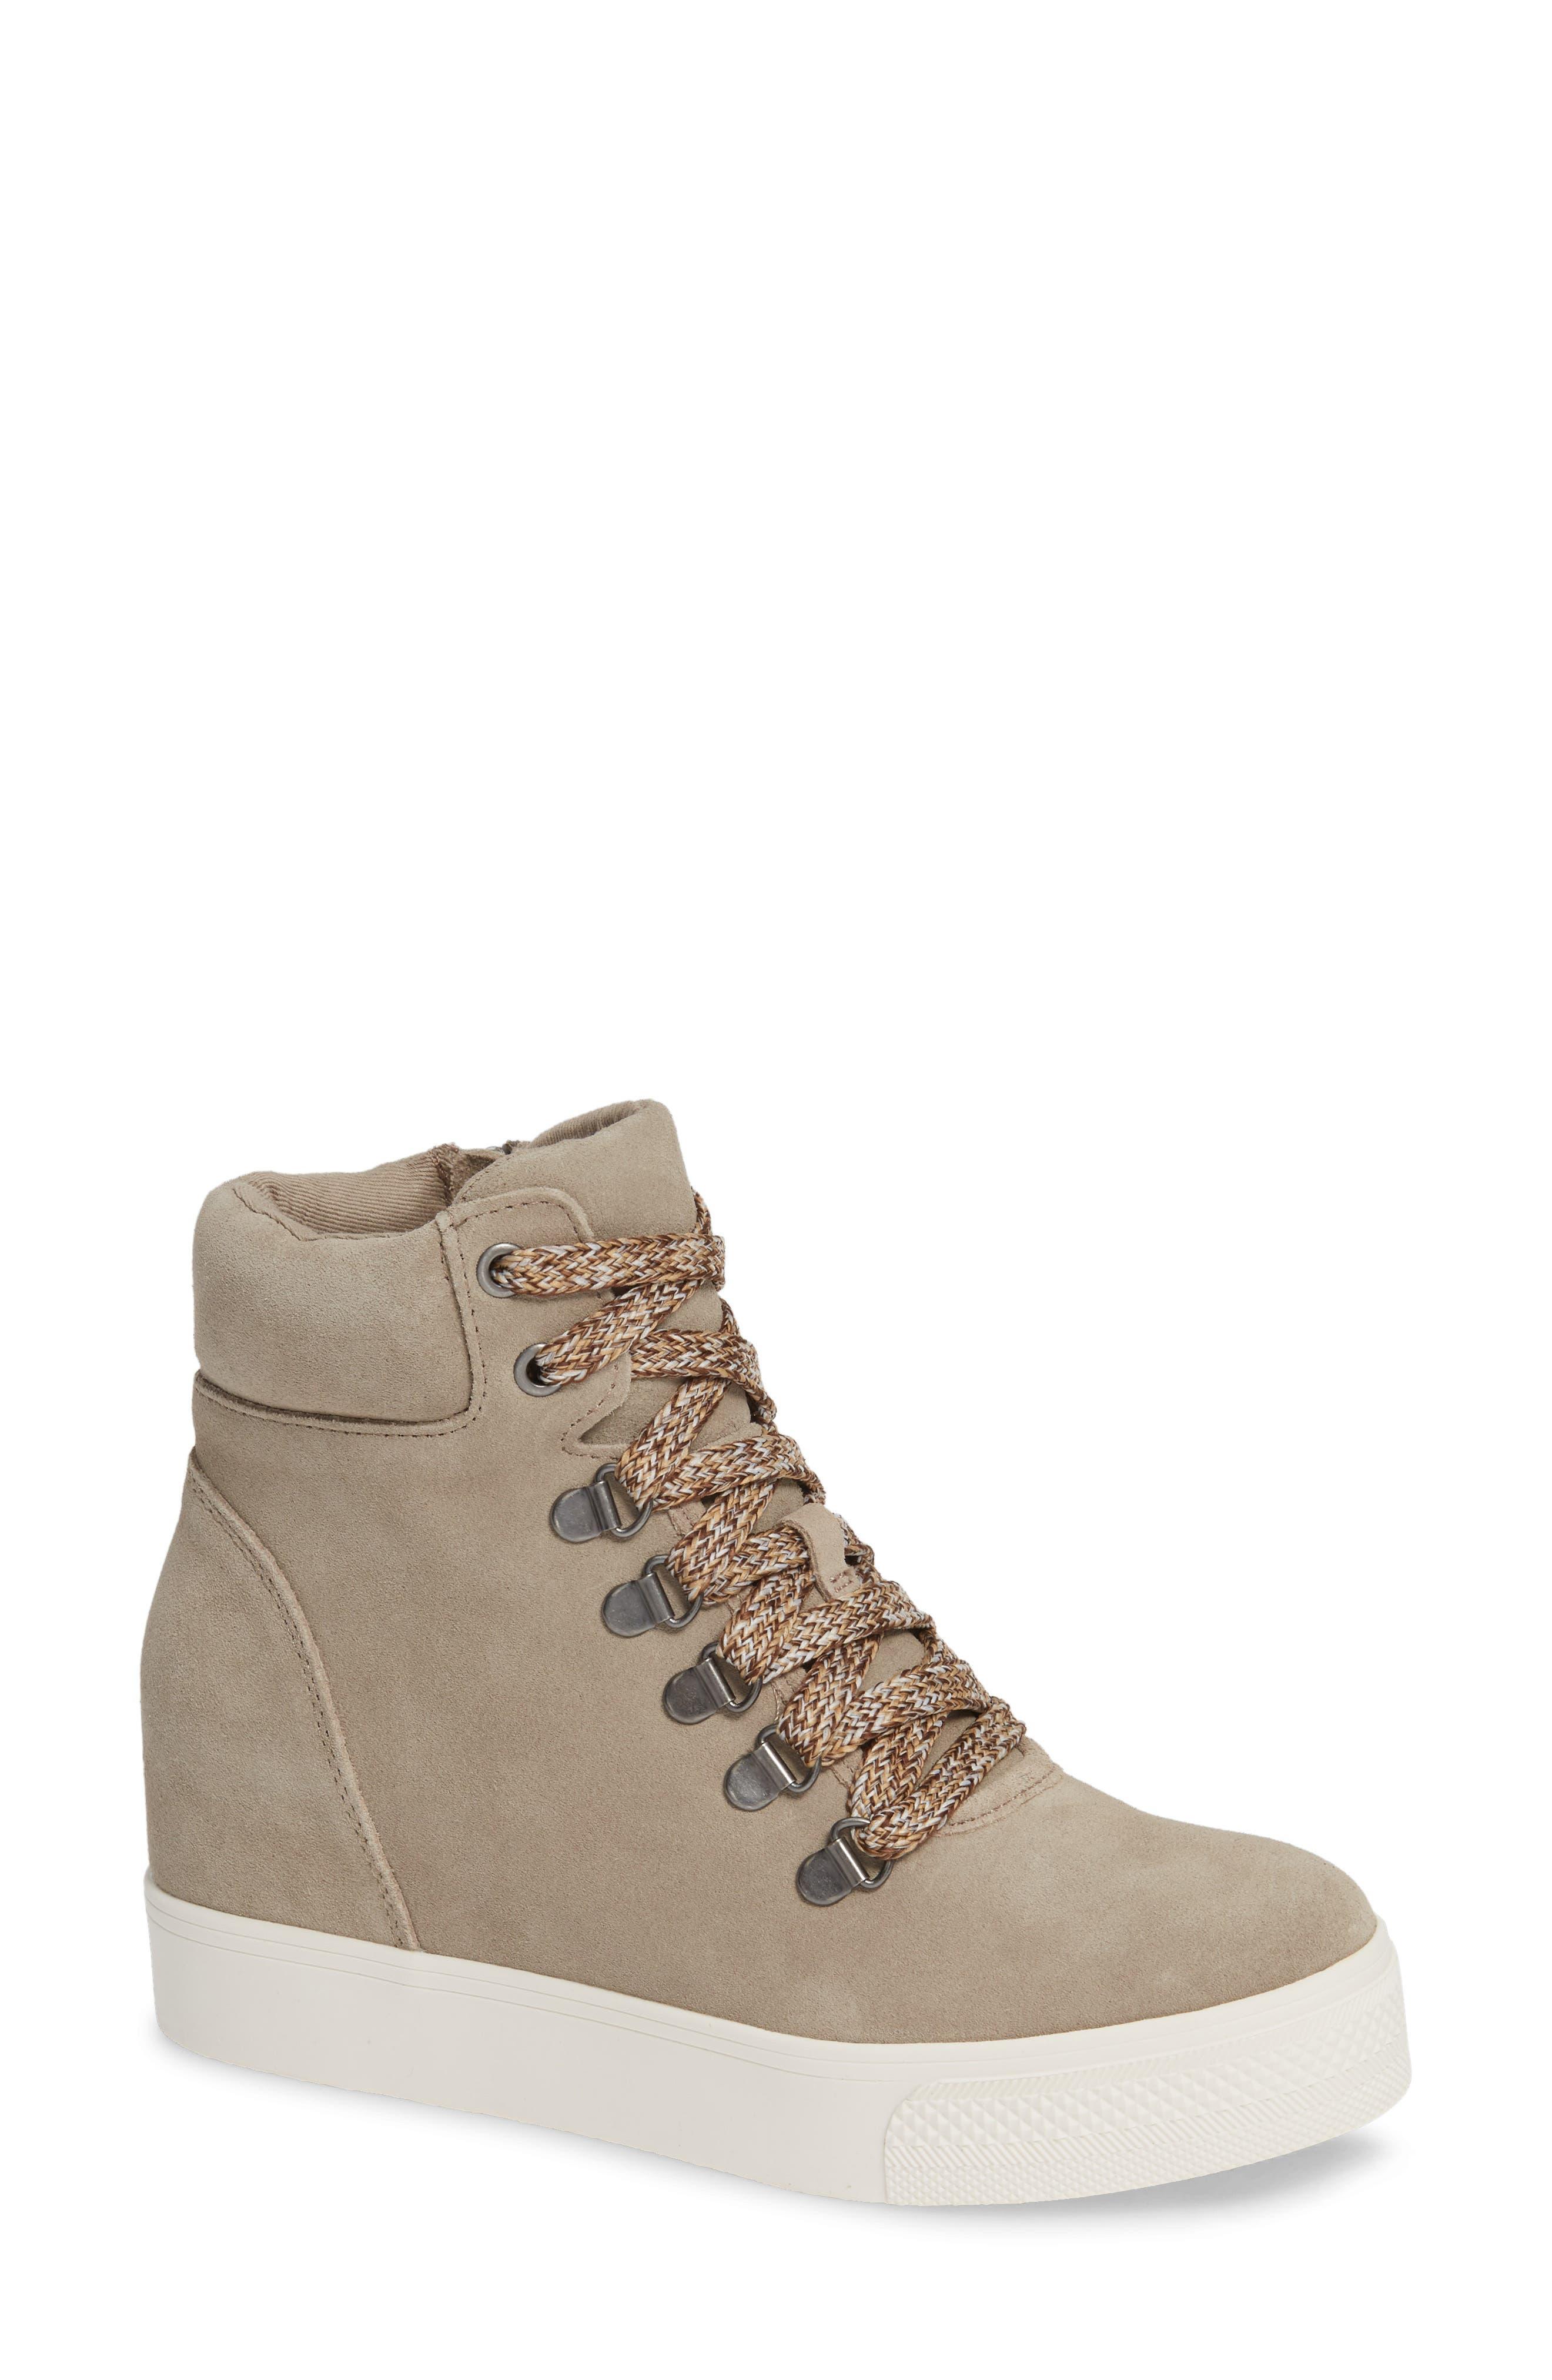 Catch Hidden Wedge Sneaker in Taupe